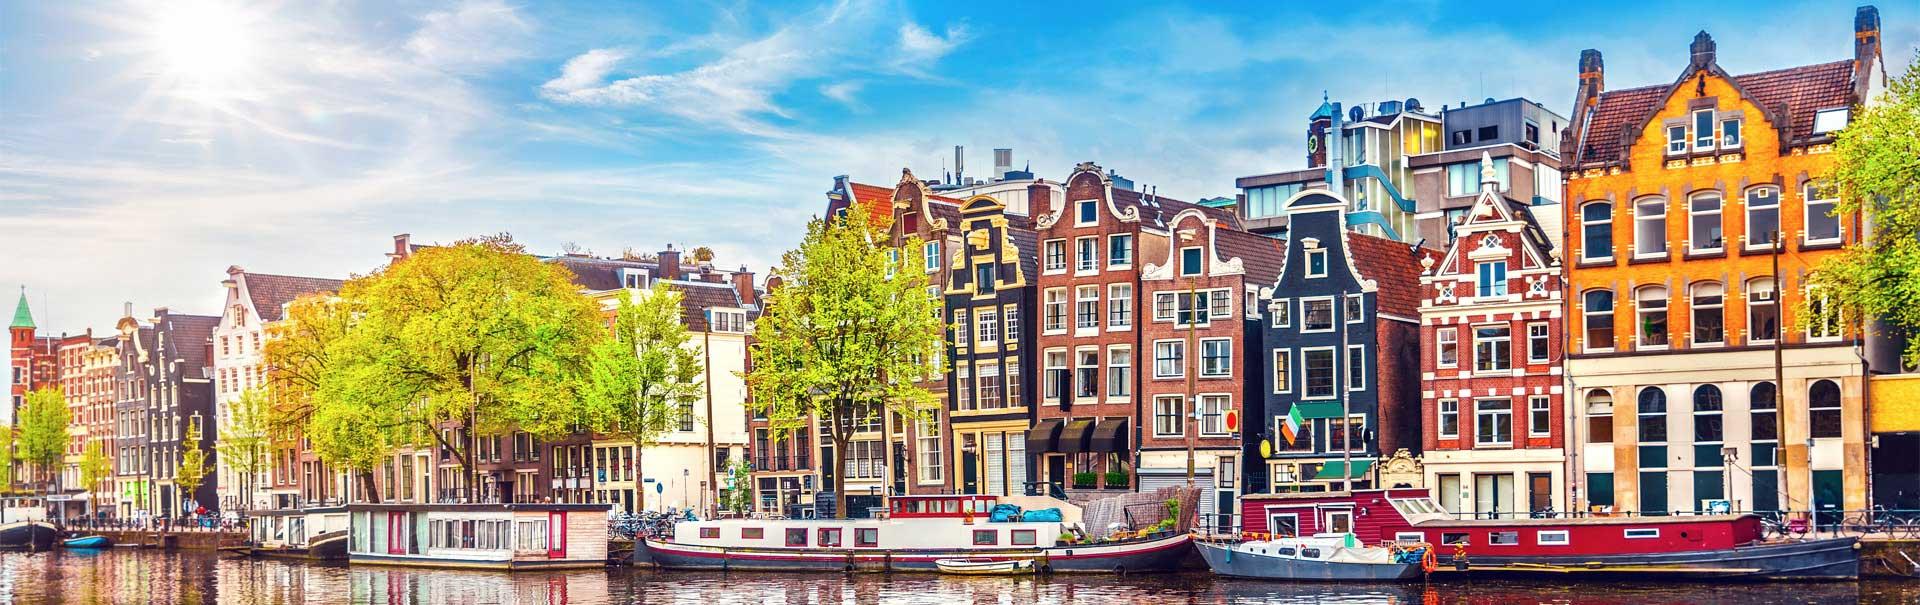 Amsterdam Brussels Bruges Tulip Special (EUAR) Banner